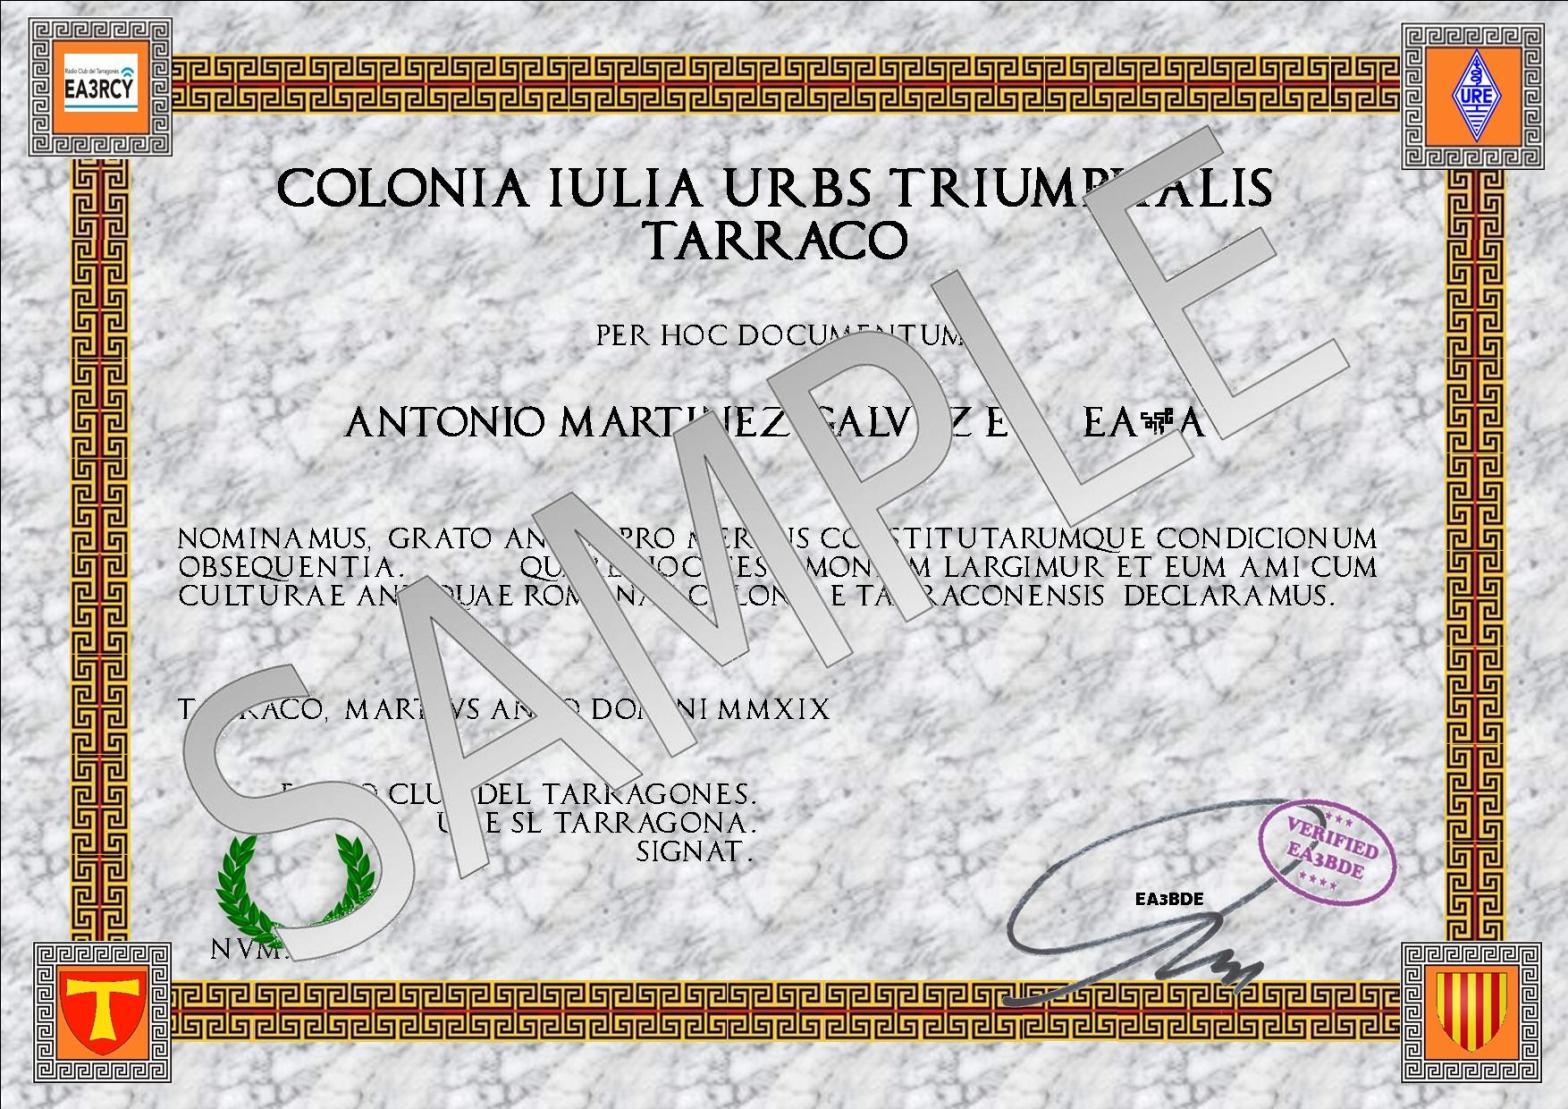 Imatge que representa un model de mostra del diploma Tarraco Triumphalis